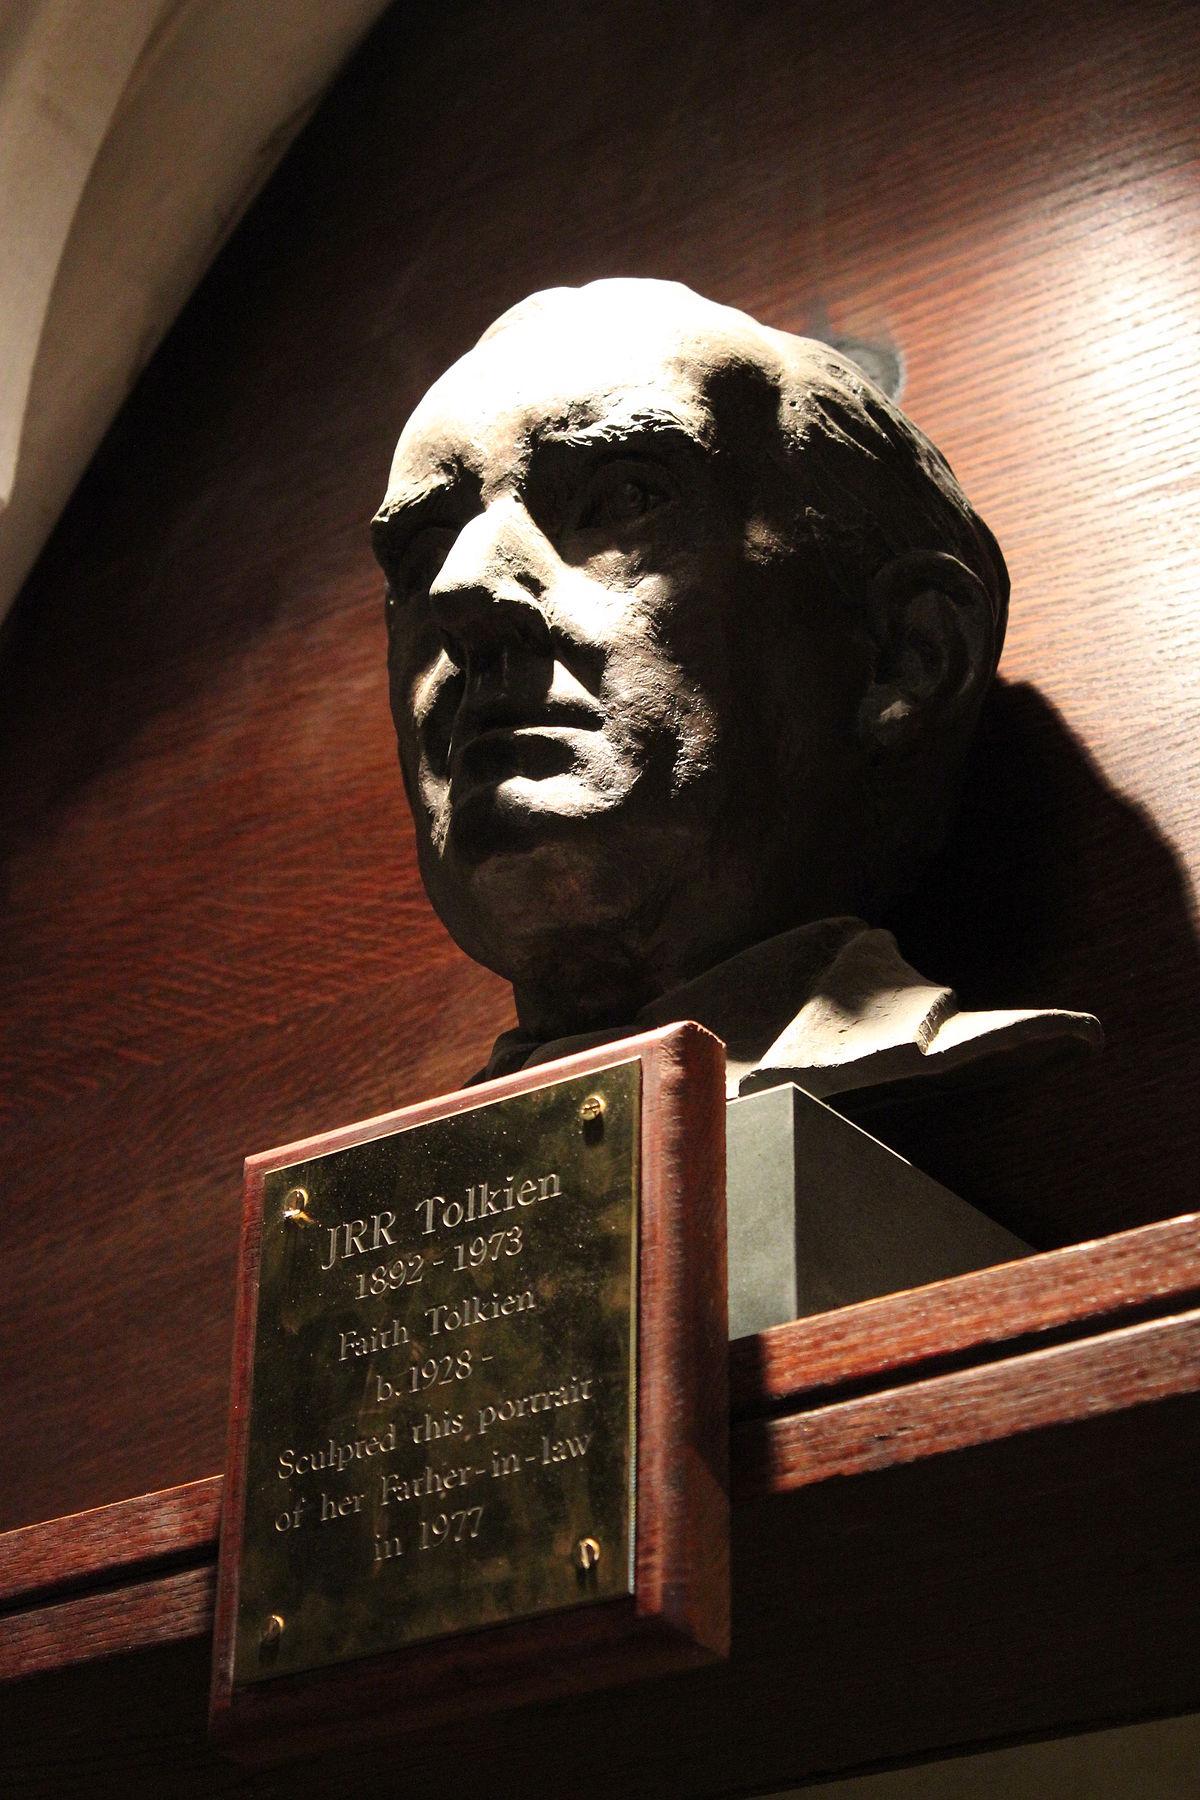 J. R. R. Tolkien Priscilla Tolkien : tolkien, priscilla, Tolkien, Wikiquote